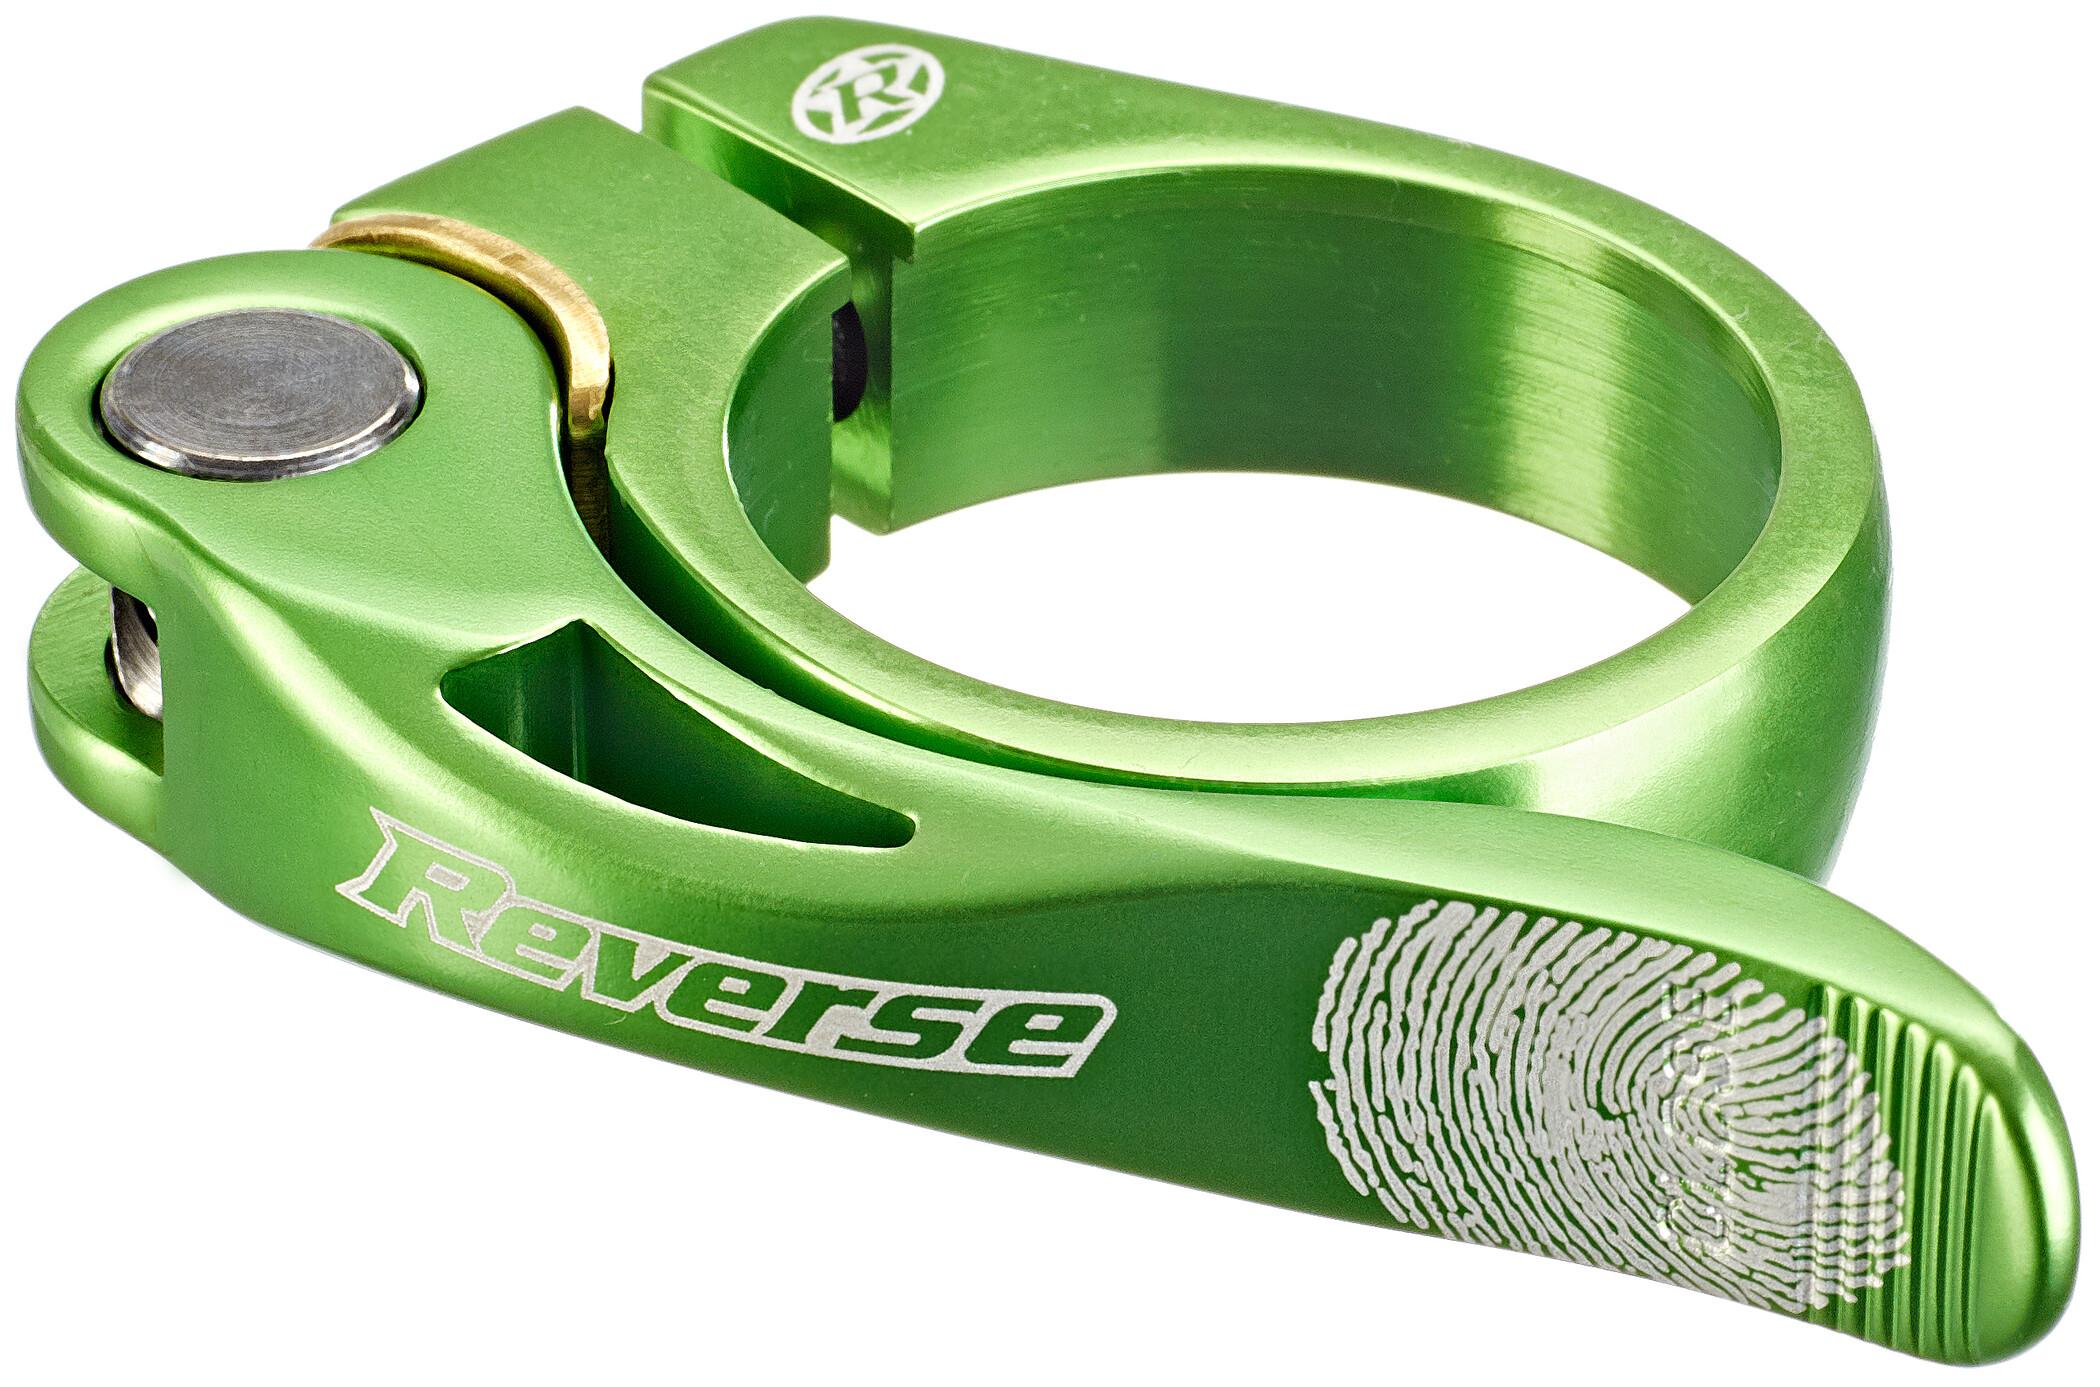 XZANTE GUB Manubrio per Bicicletta Universale Torcia per Torcia Supporto per Torcia Gopro per Luce Anteriore per Lampada da Bicicletta